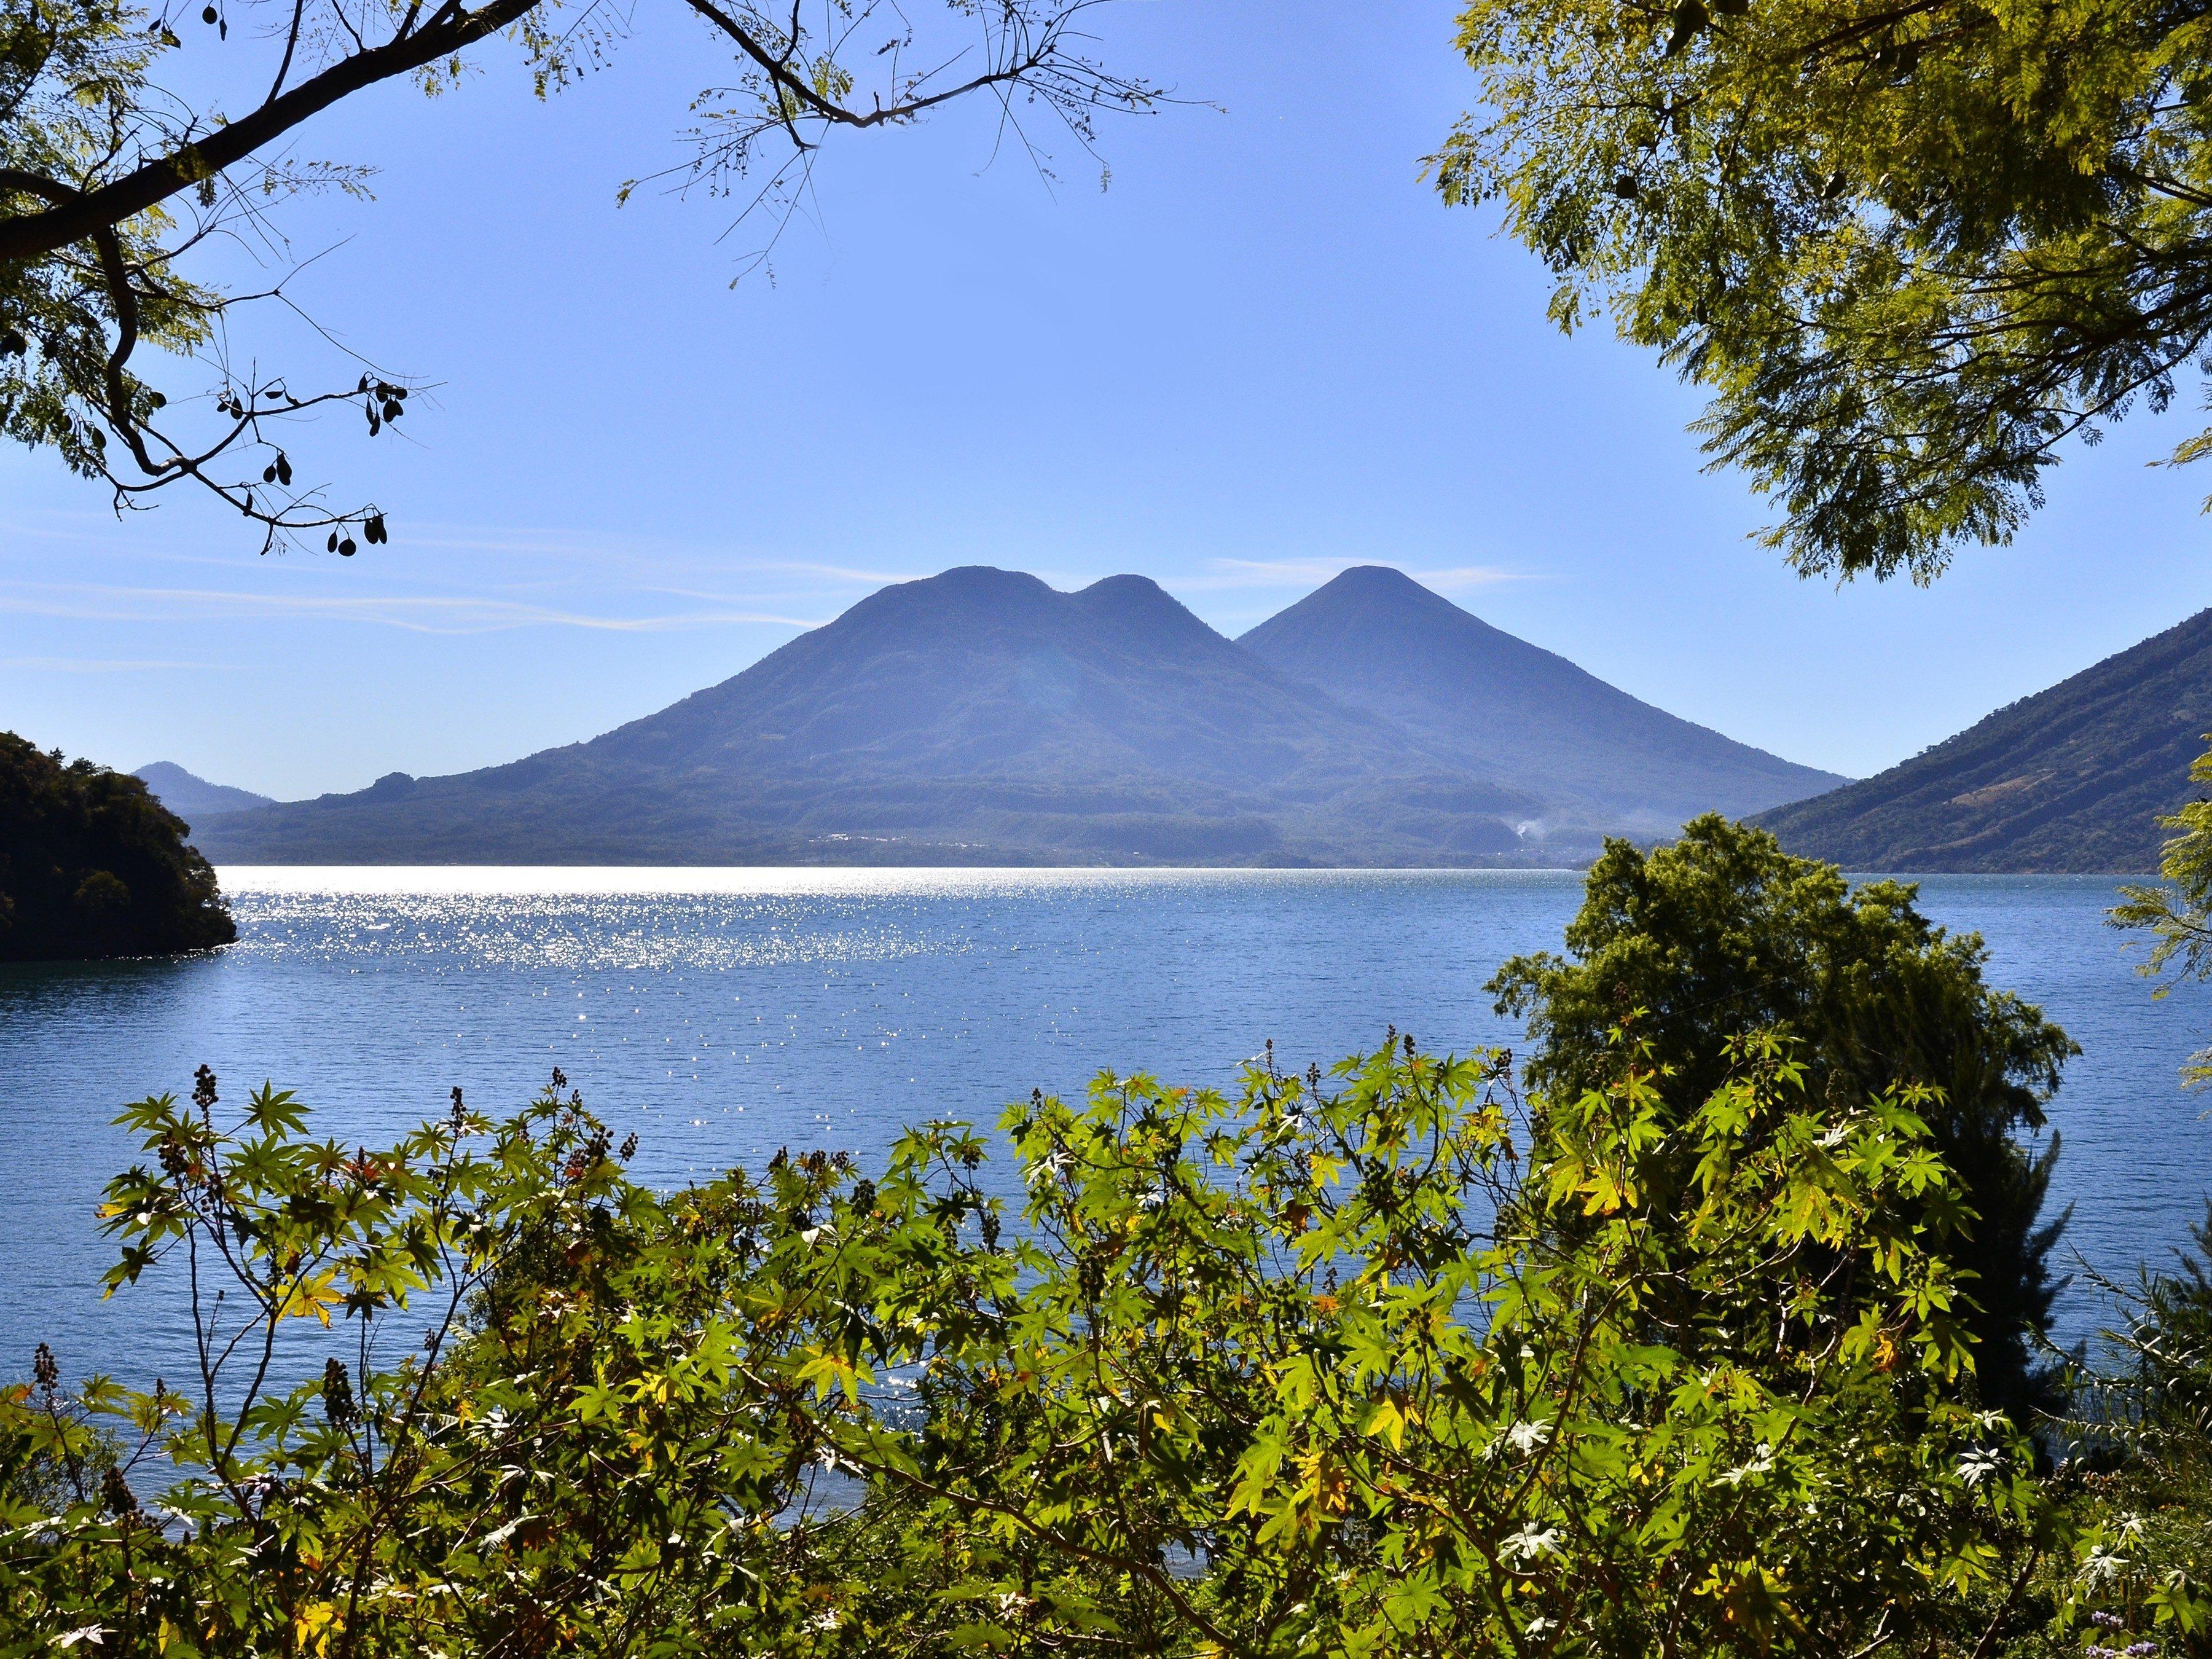 4. Guatemala